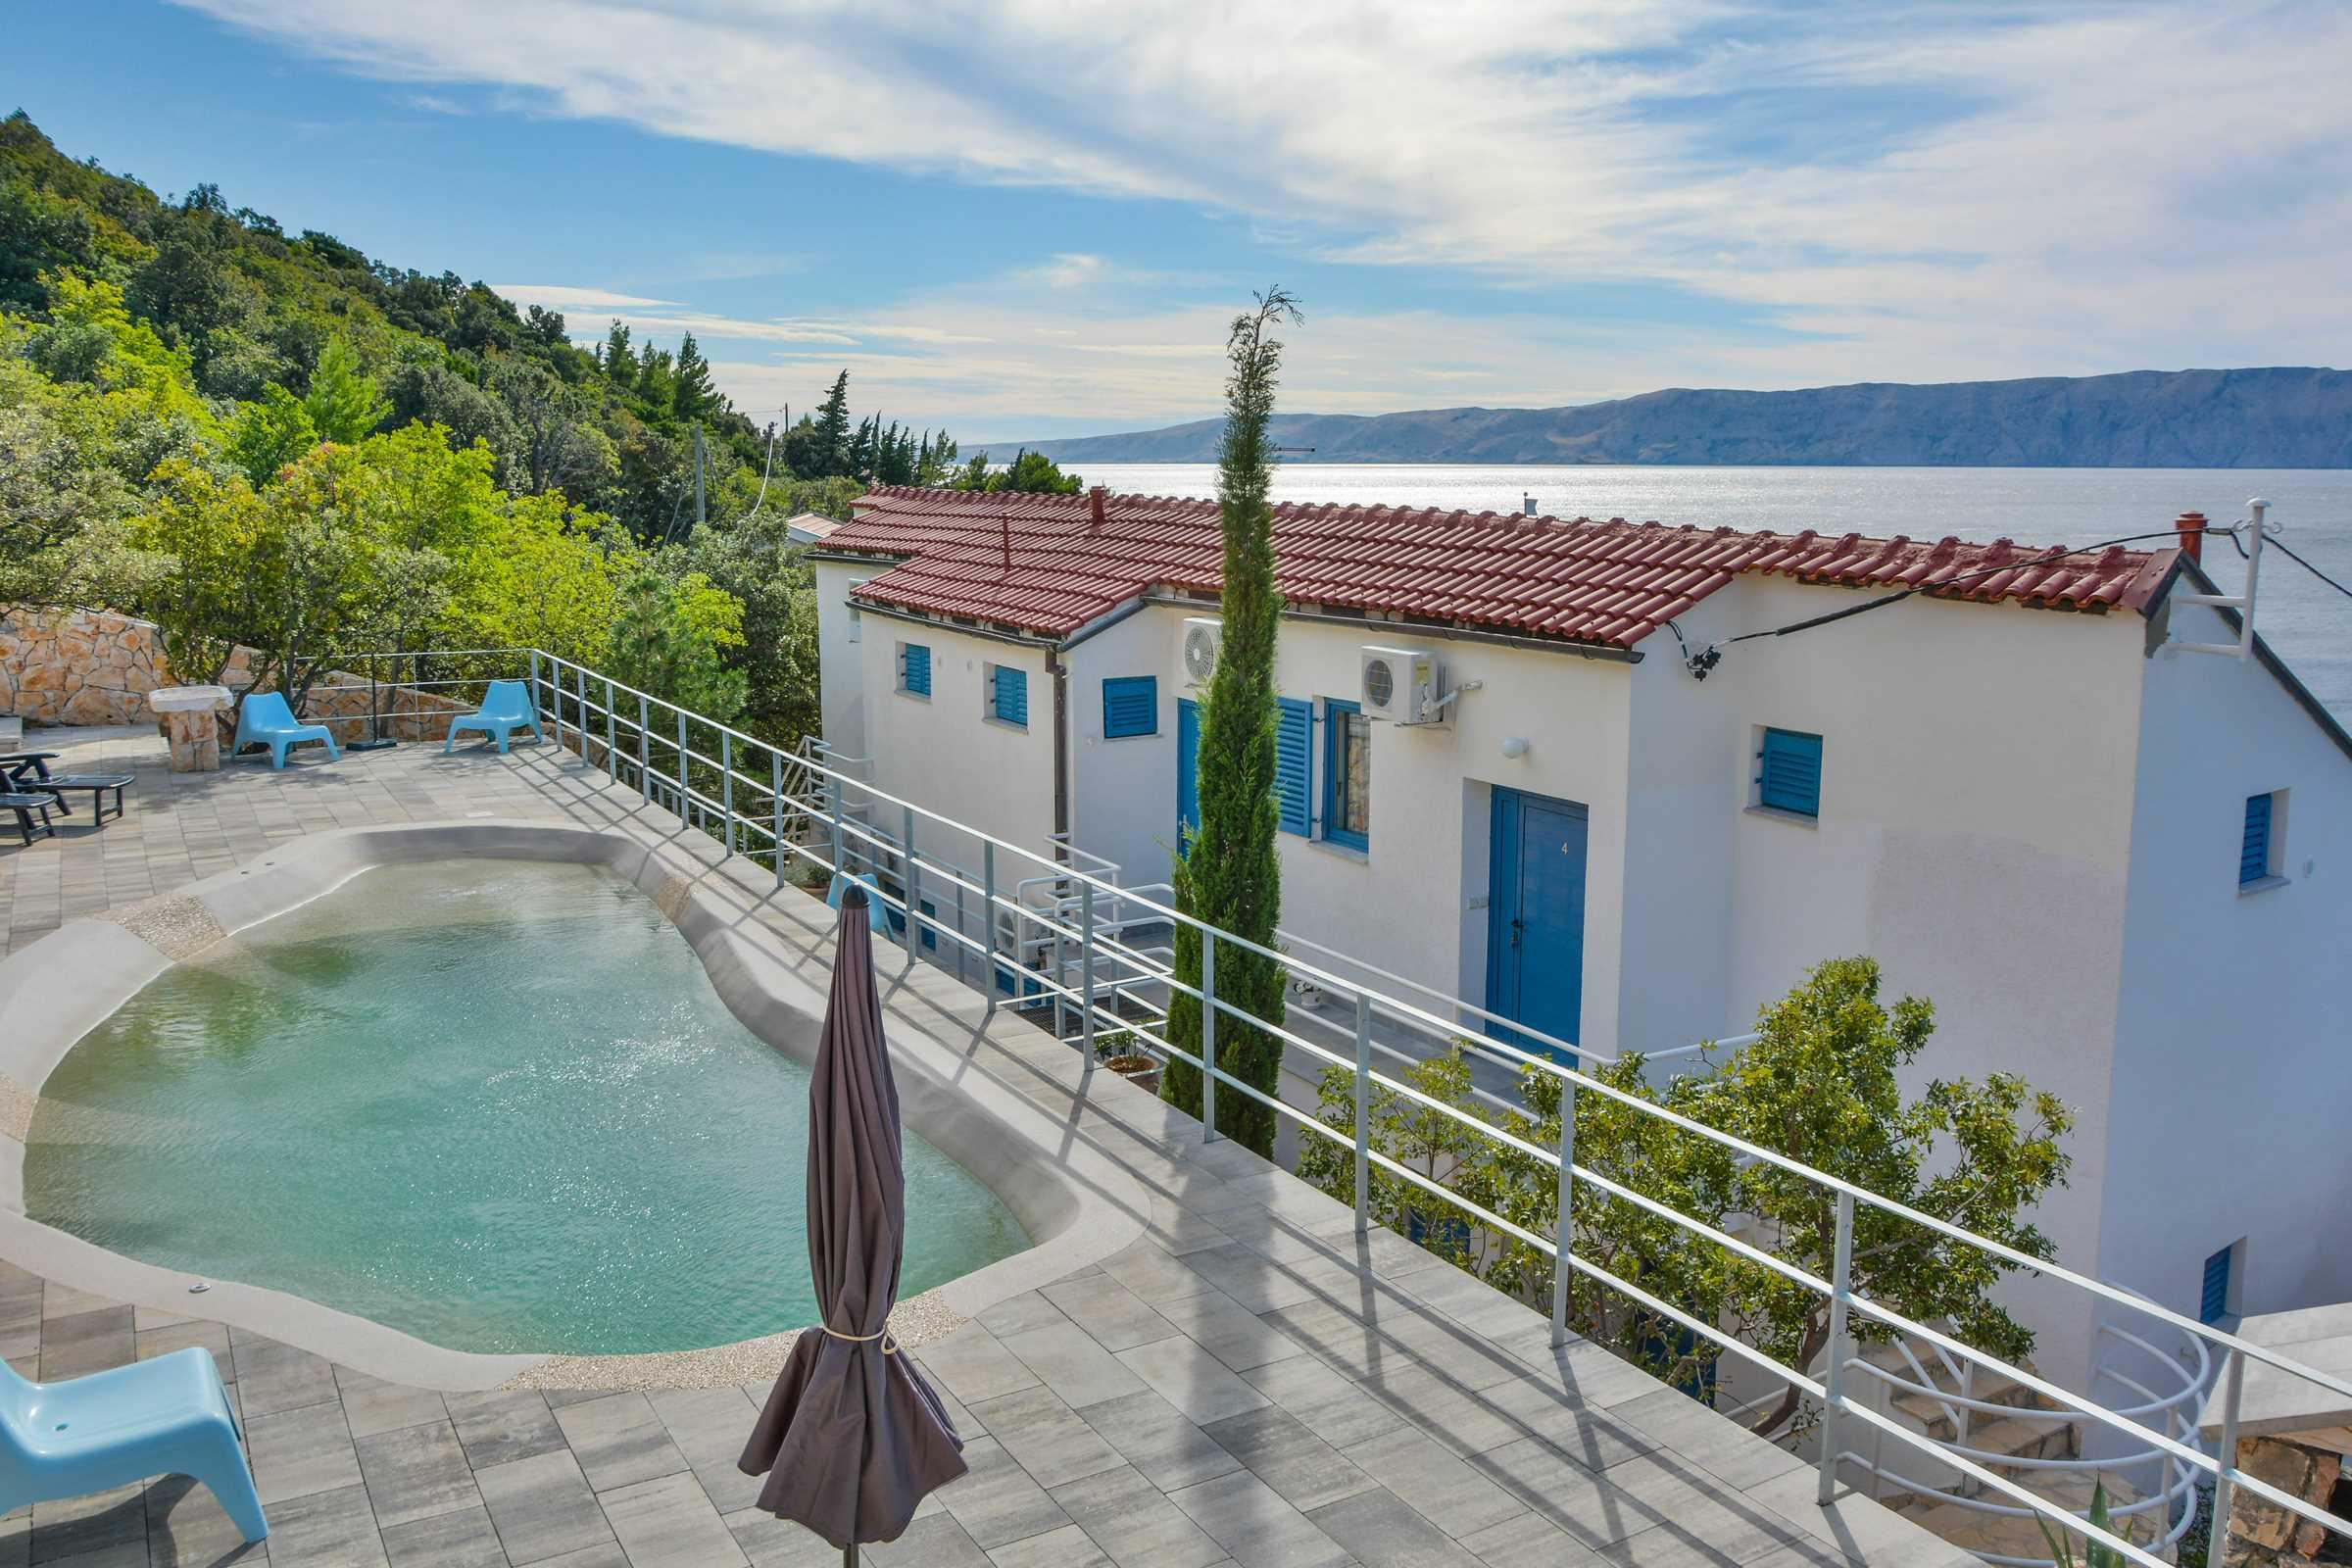 Apartmani Miki - Apartment 3 50055, Donja Klada, , Primorsko-goranska županija (Kvarner)